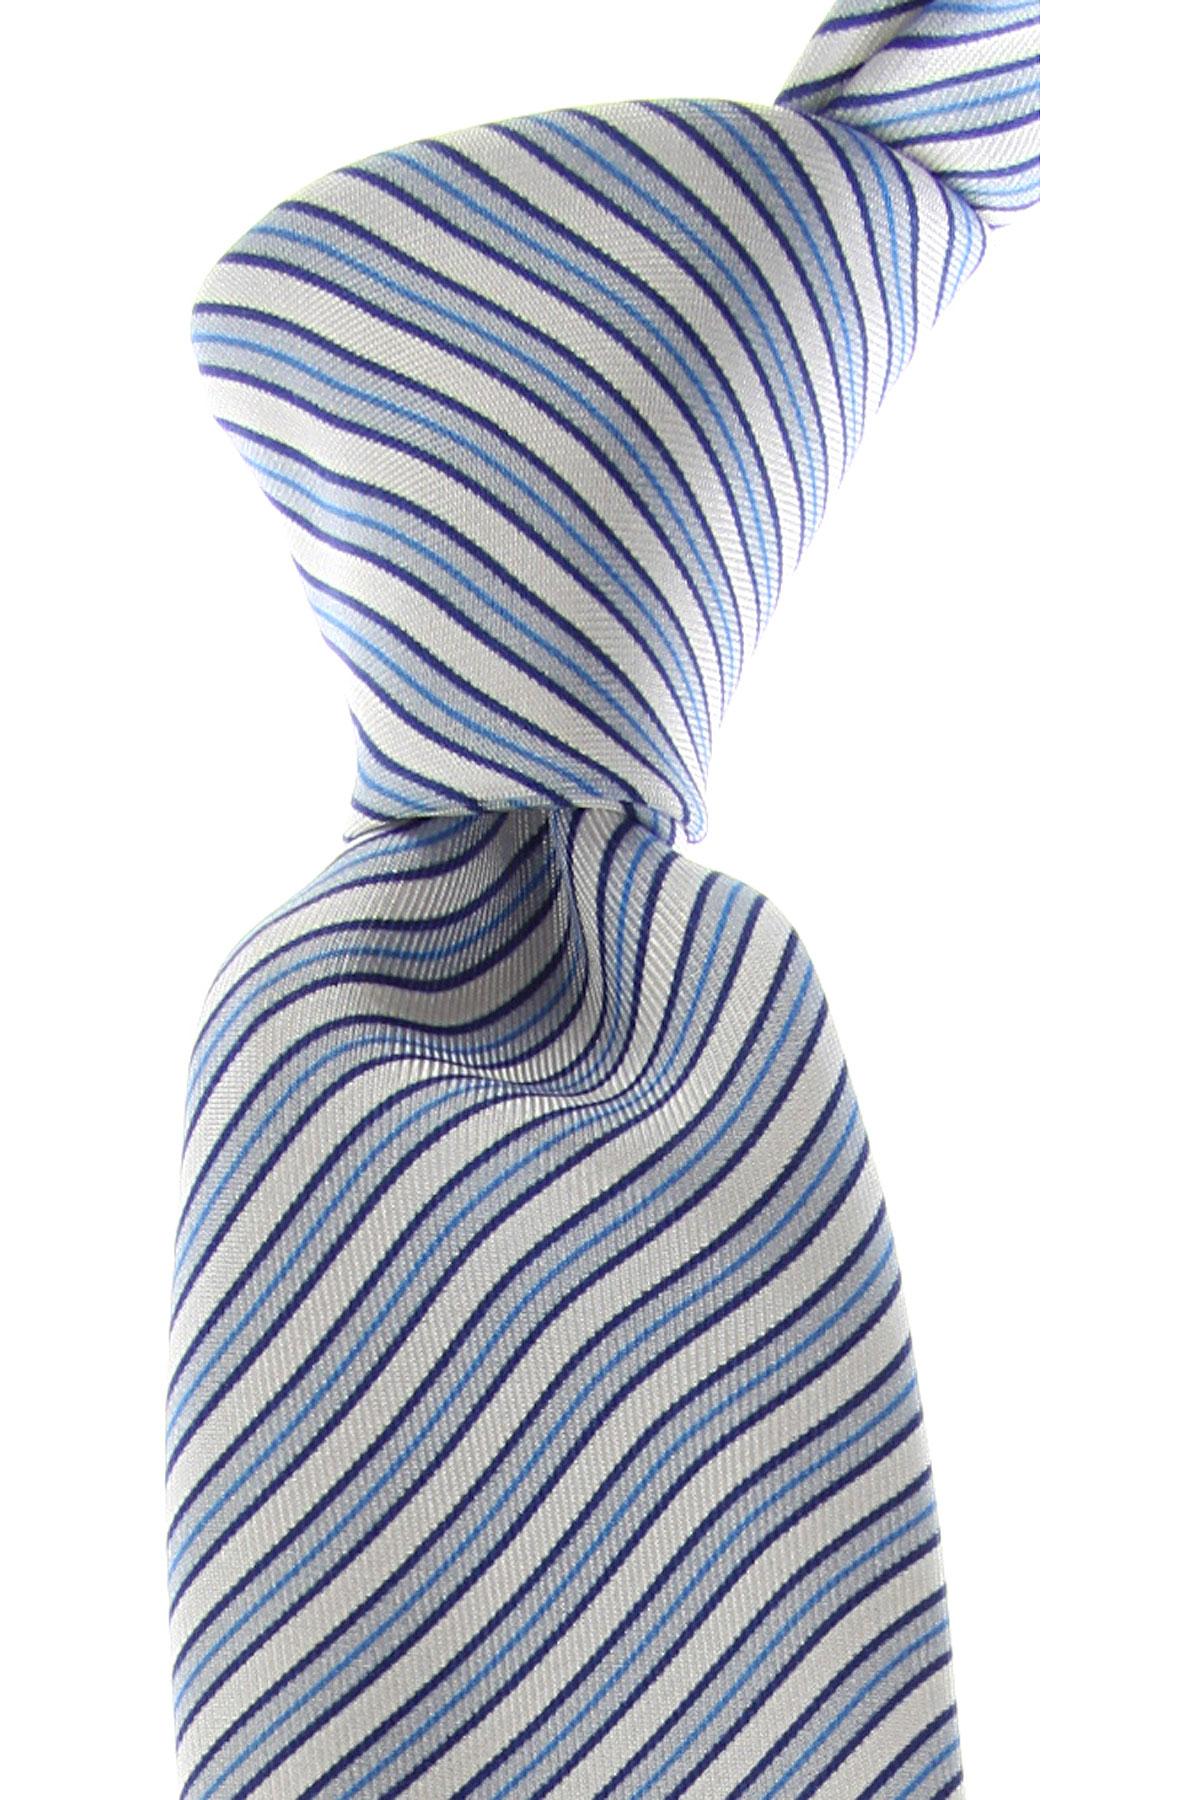 Kenzo Cravates Pas cher en Soldes, Bleu ciel clair, Soie, 2021